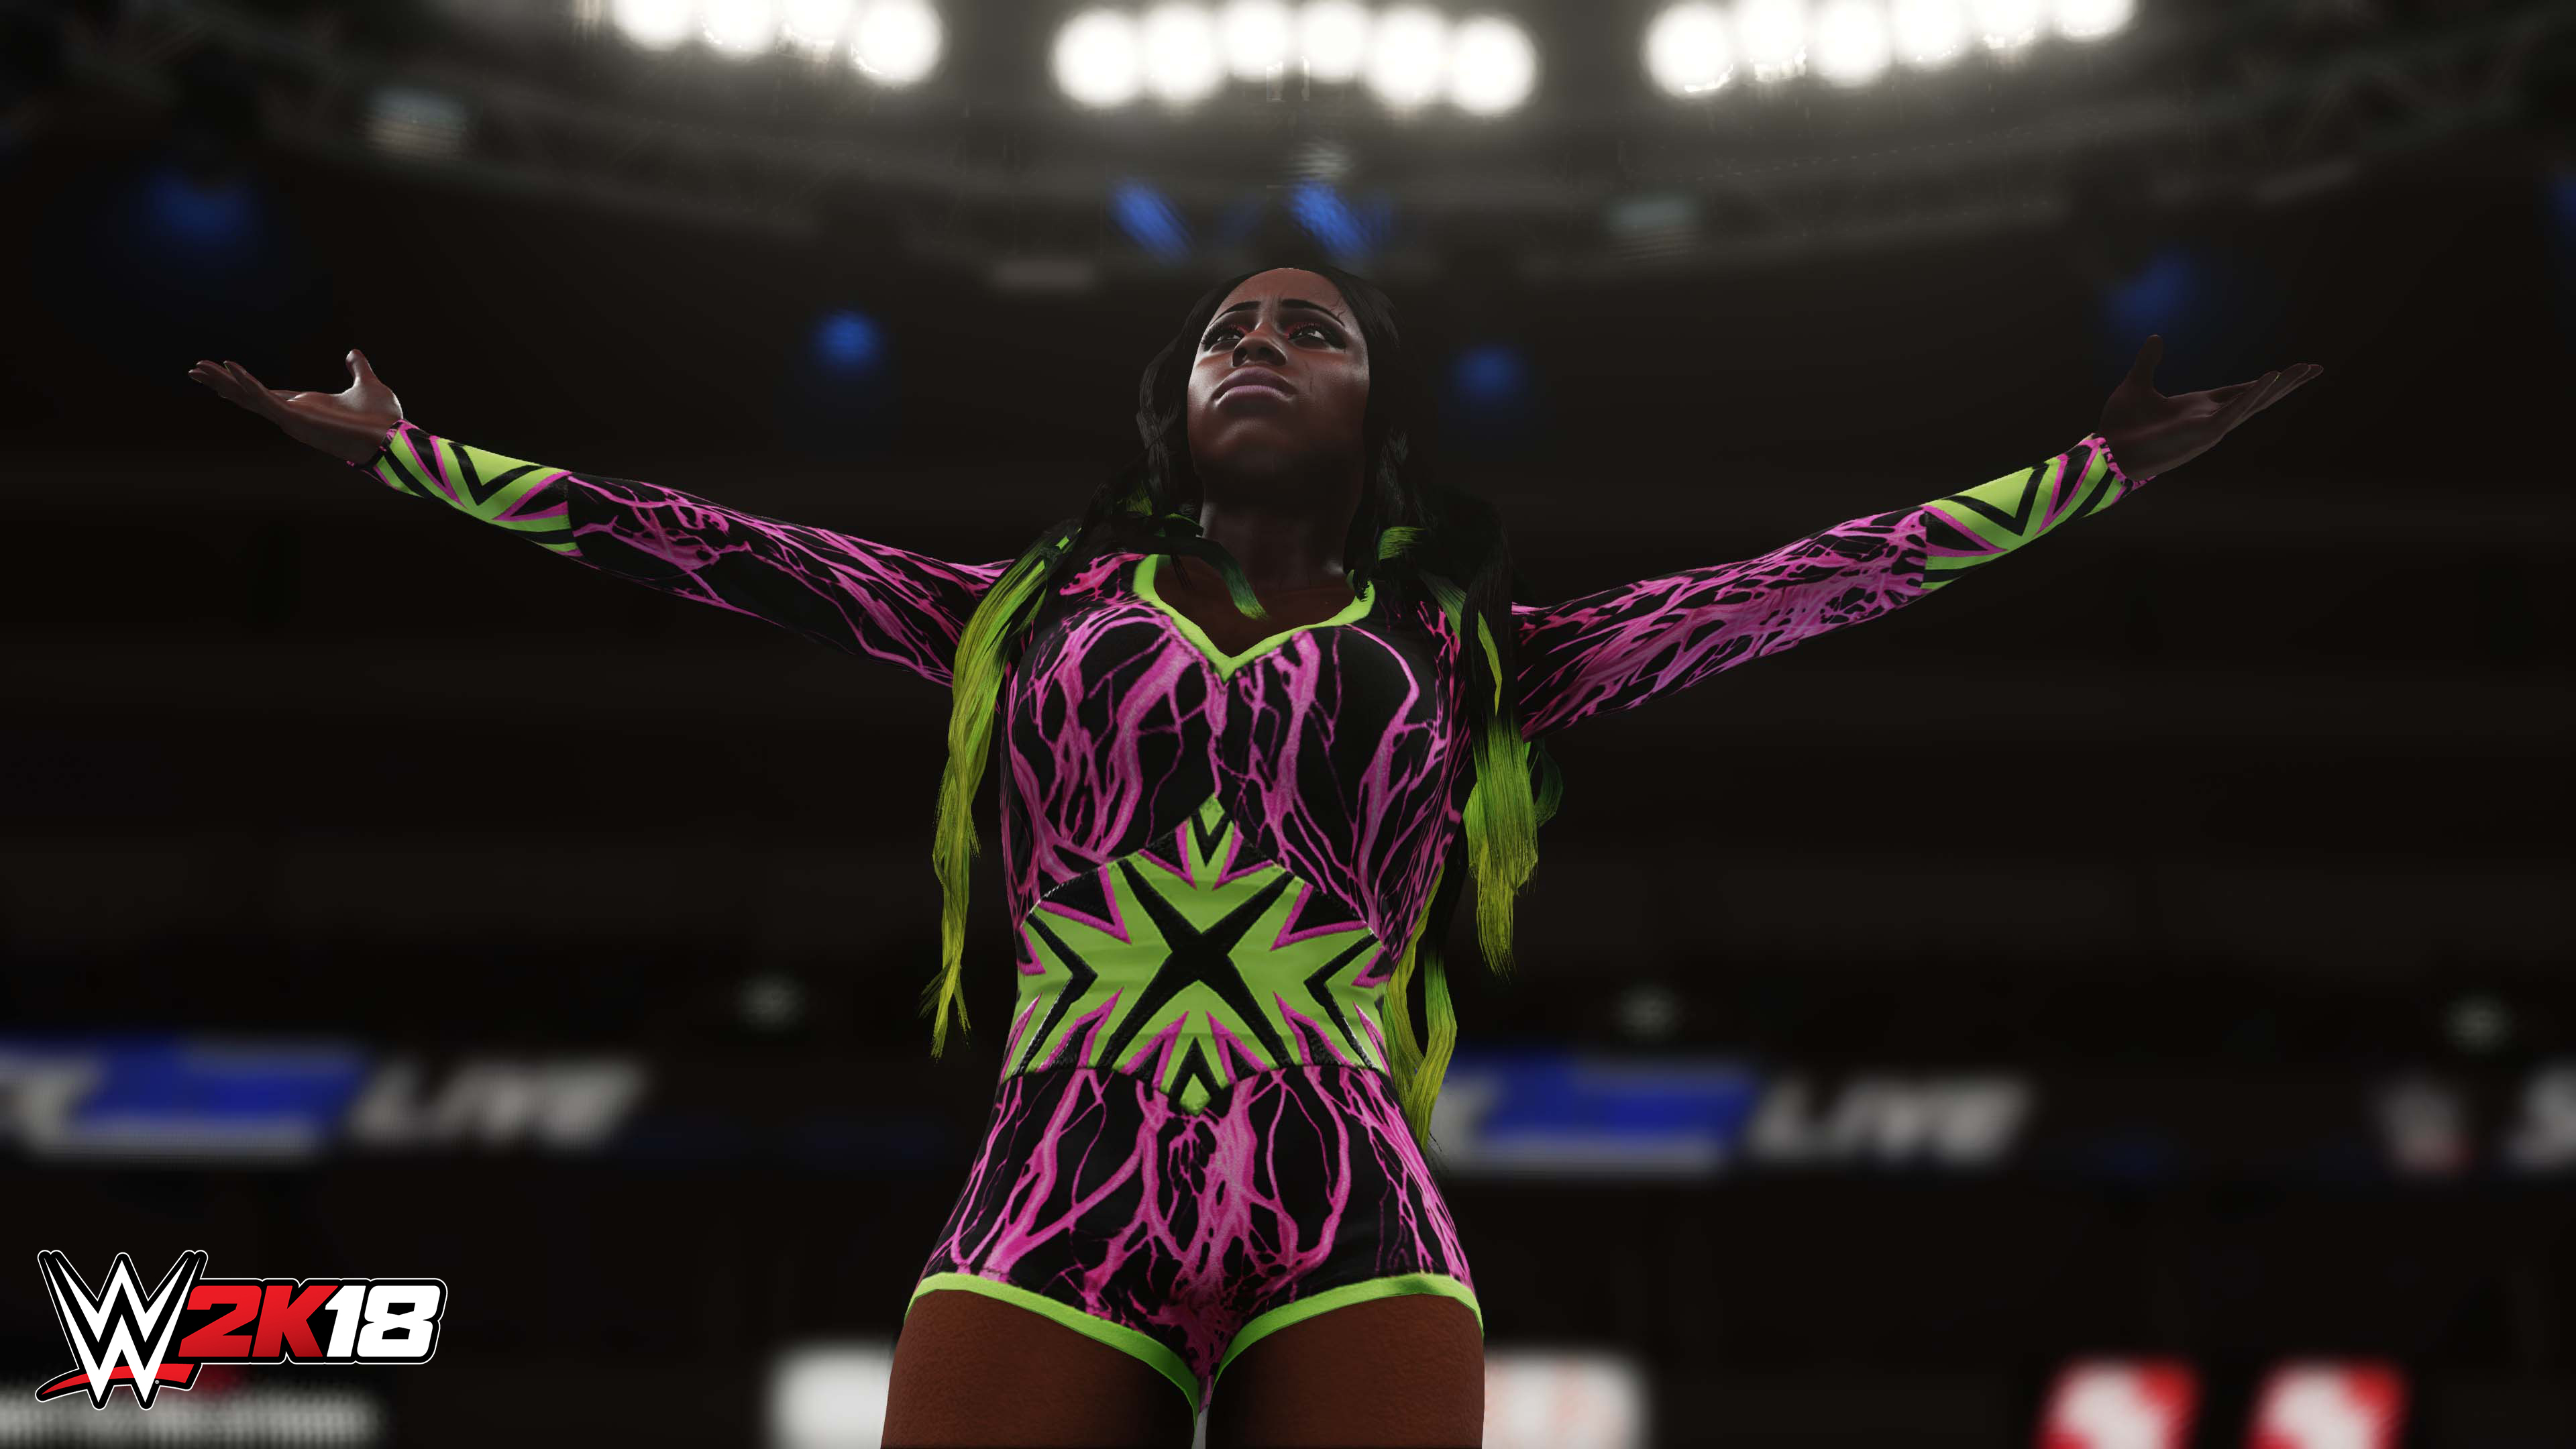 WWE 2K18 no cierra la puerta a los eSports en el futuro